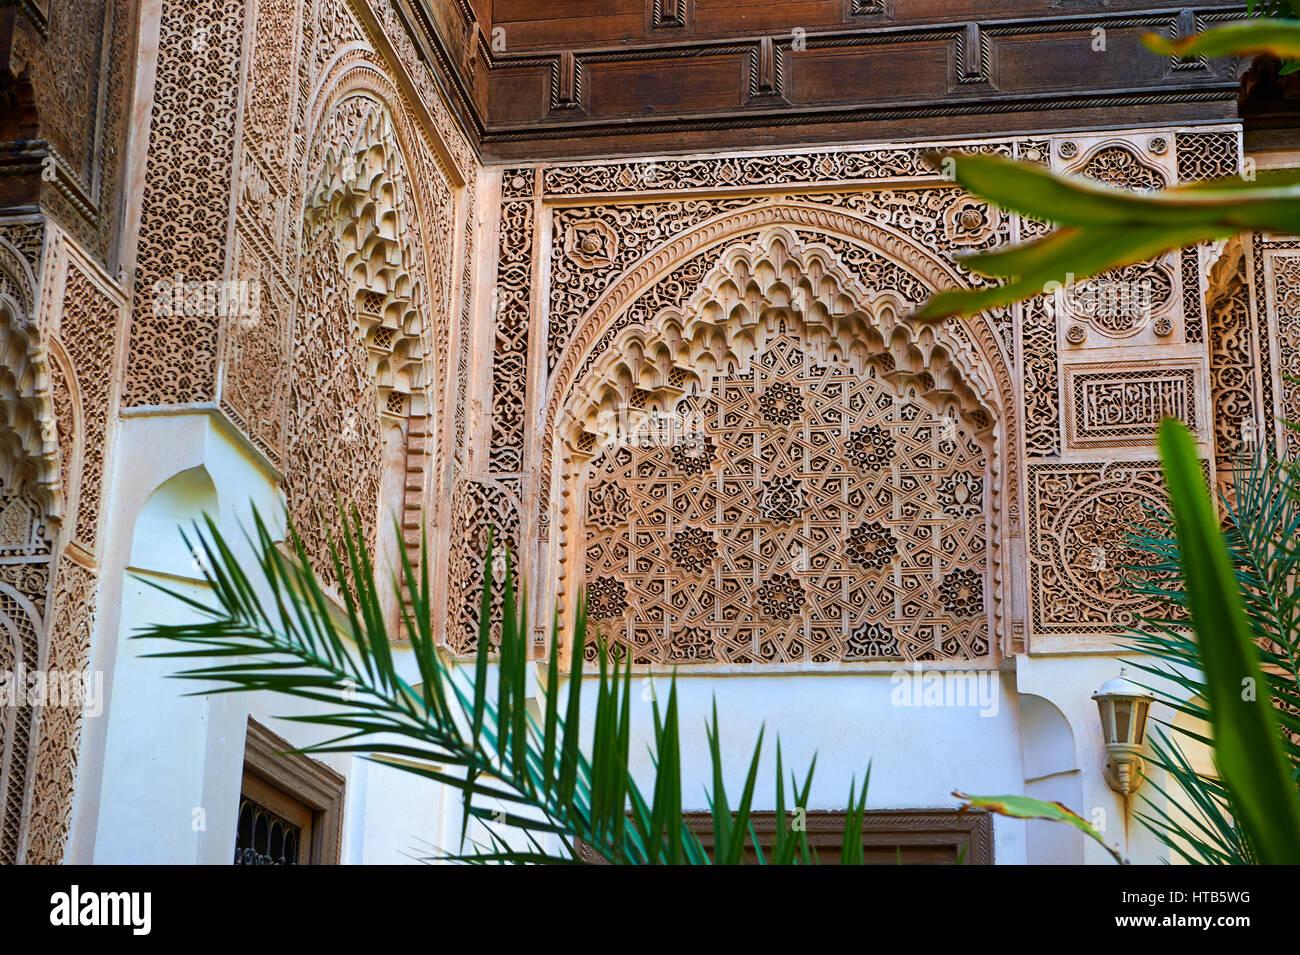 Arabesco Mocarabe bereber y yeserías Muqarnas.La Petite Corte, palacio Bahia, Marrakech, Marruecos Imagen De Stock